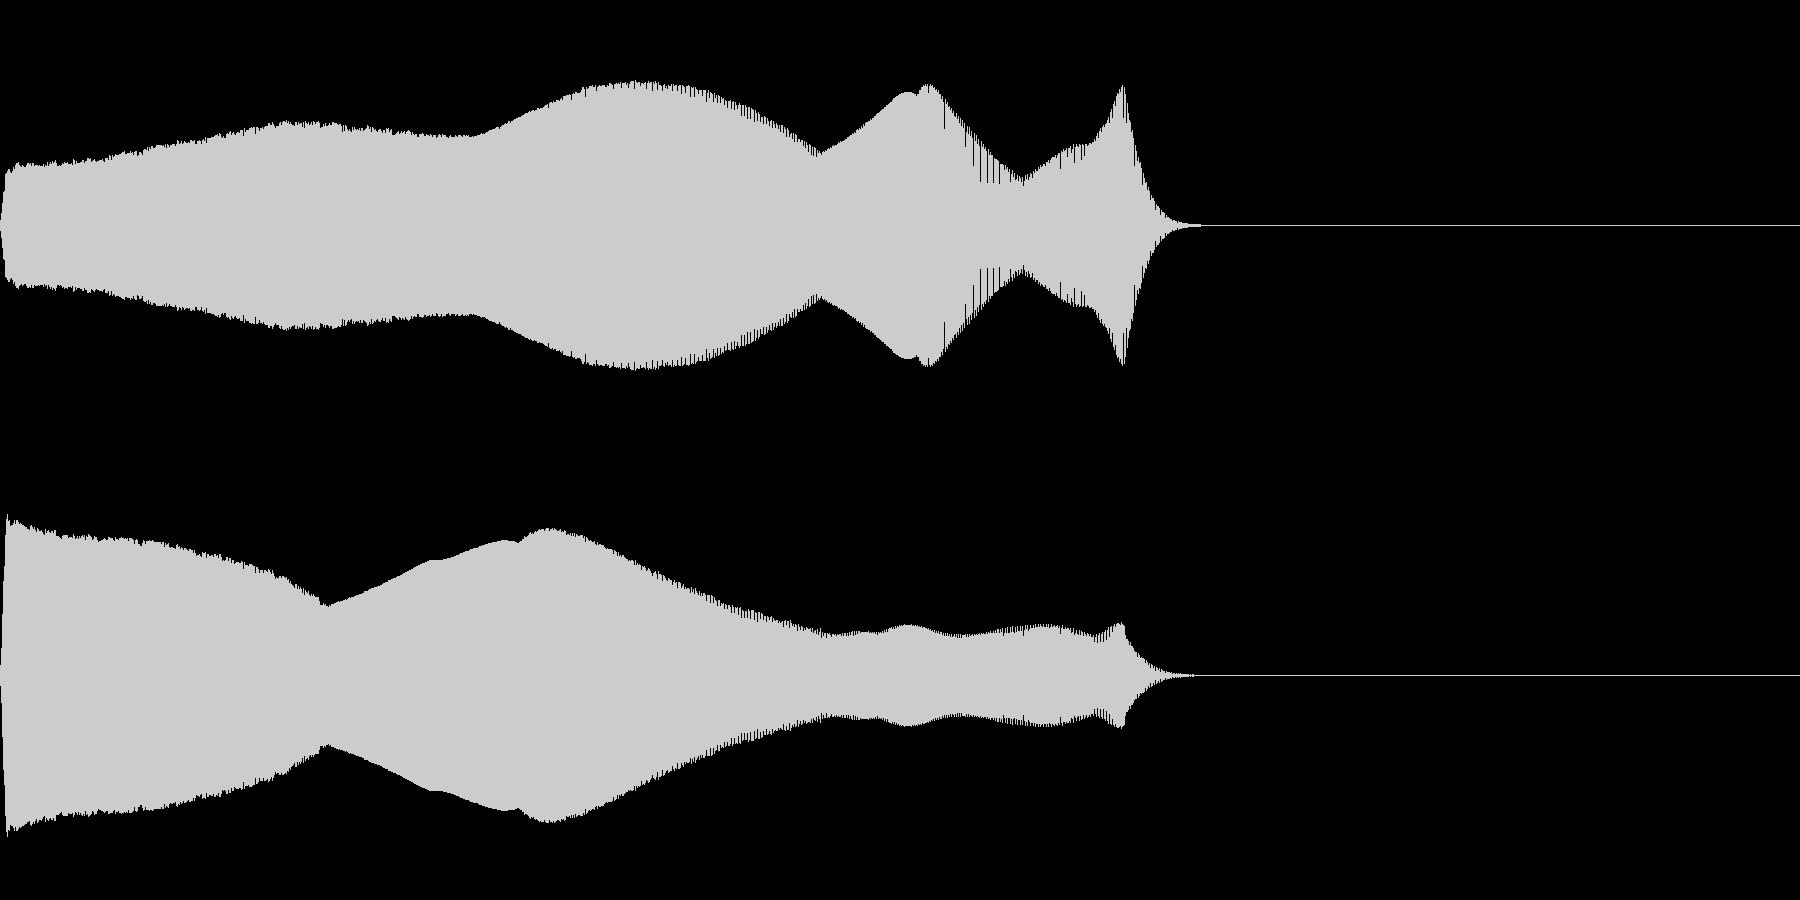 落下音02(電子音系)の未再生の波形